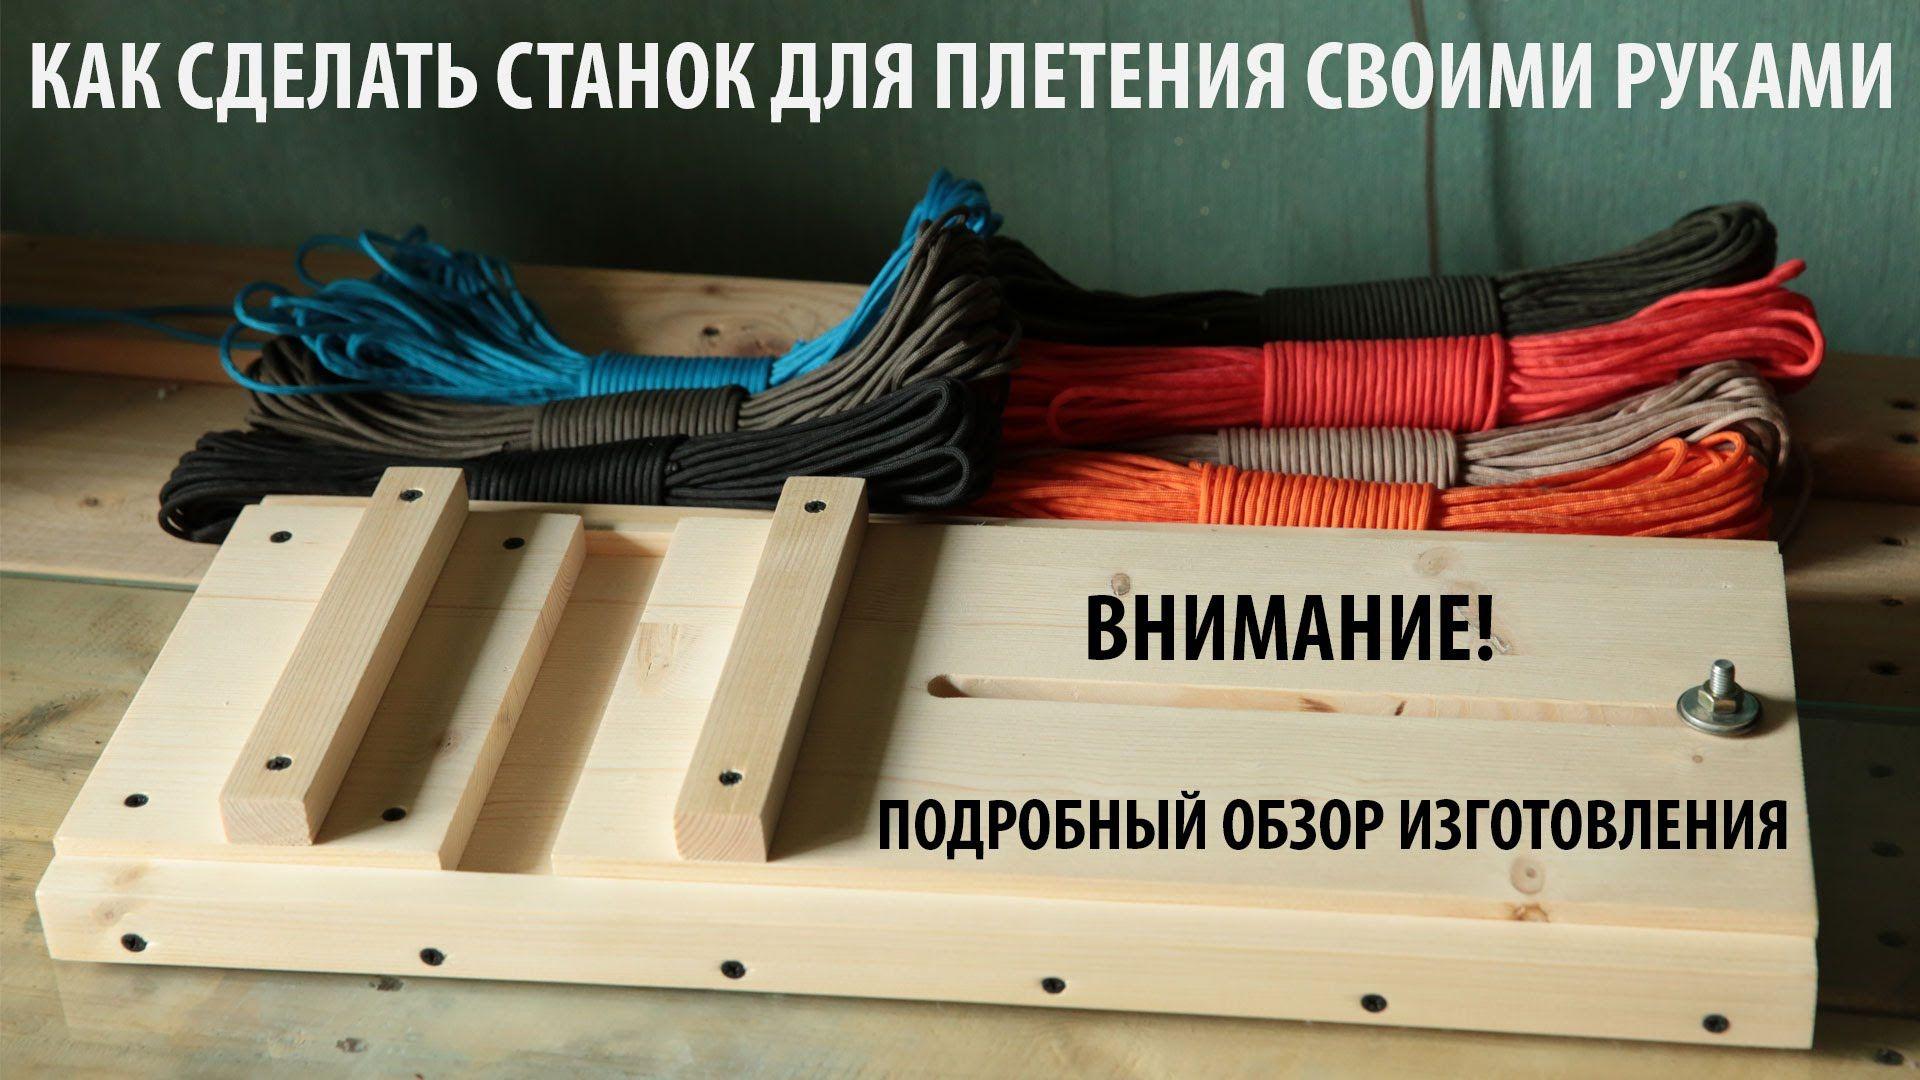 Сделать станок для плетения своими руками фото 97